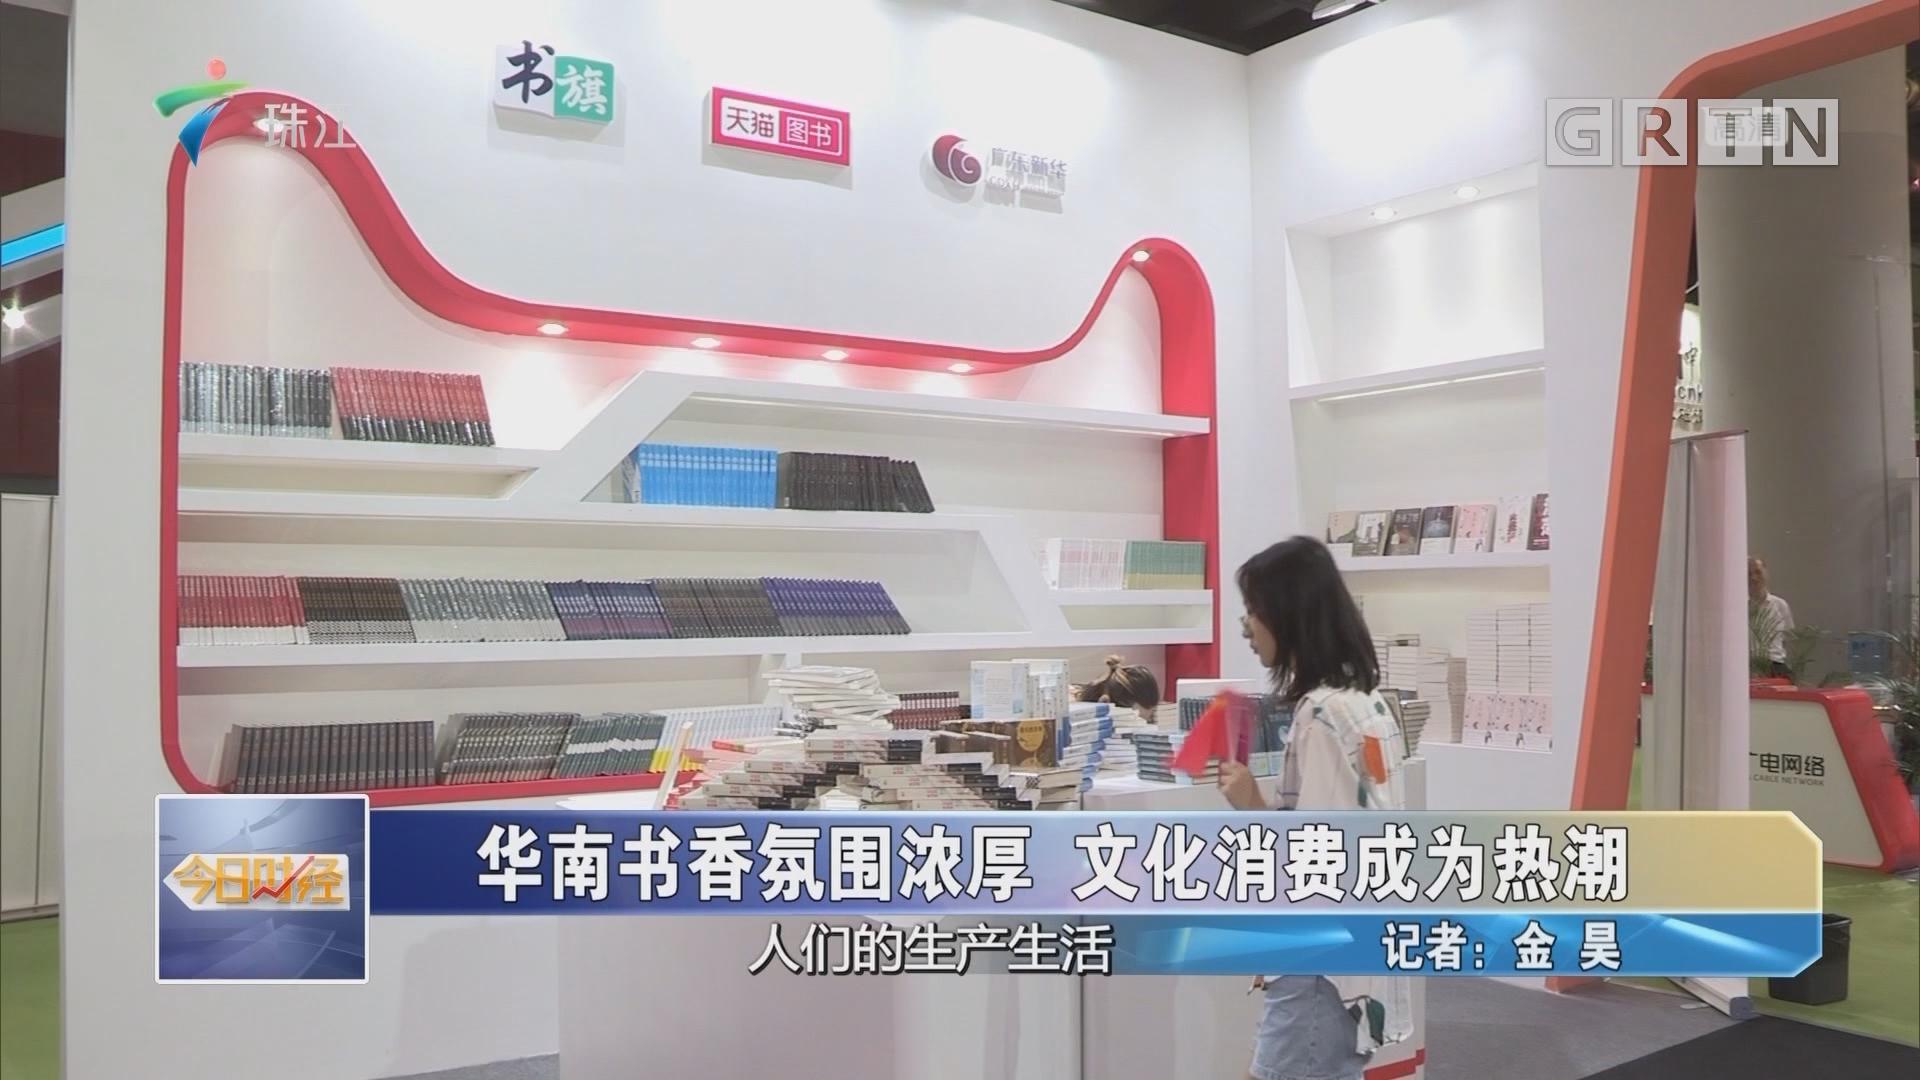 华南书香氛围浓厚 文化消费成为热潮